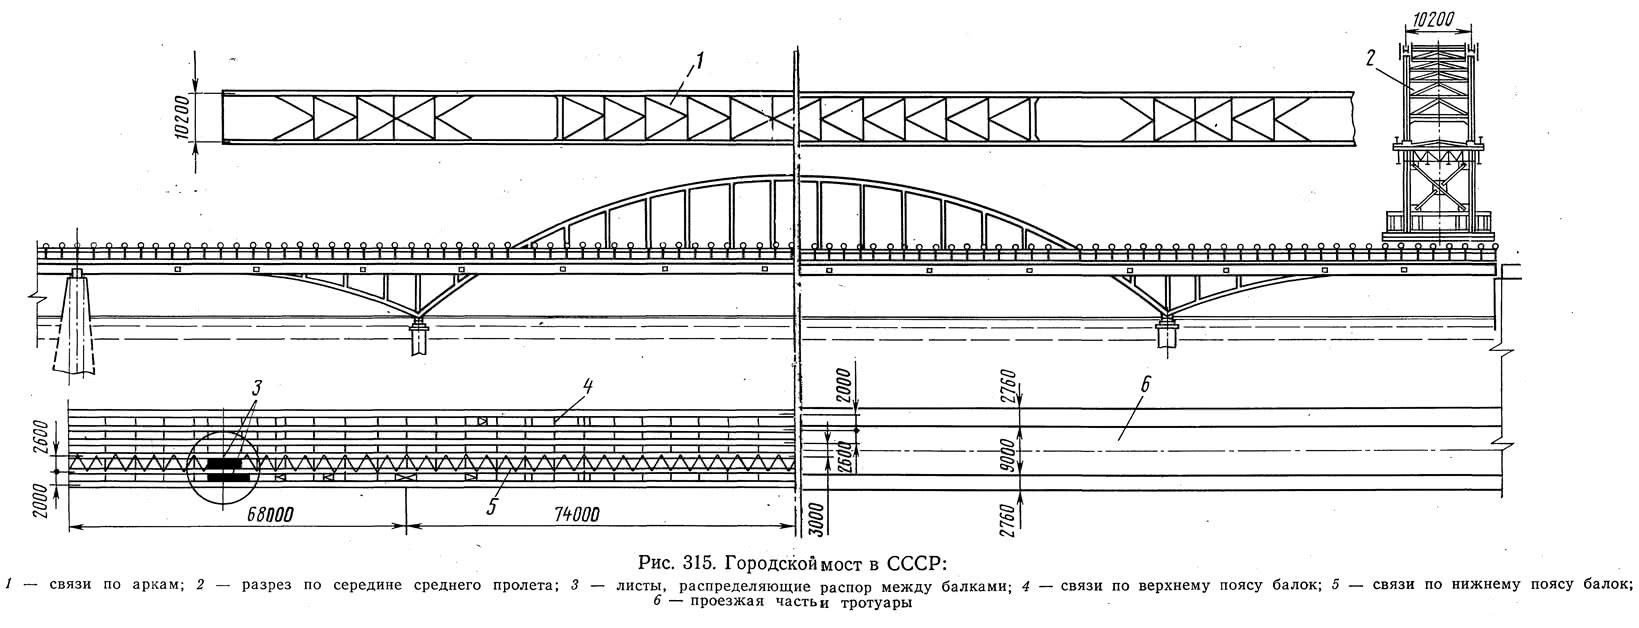 Рис. 315. Городской мост в СССР